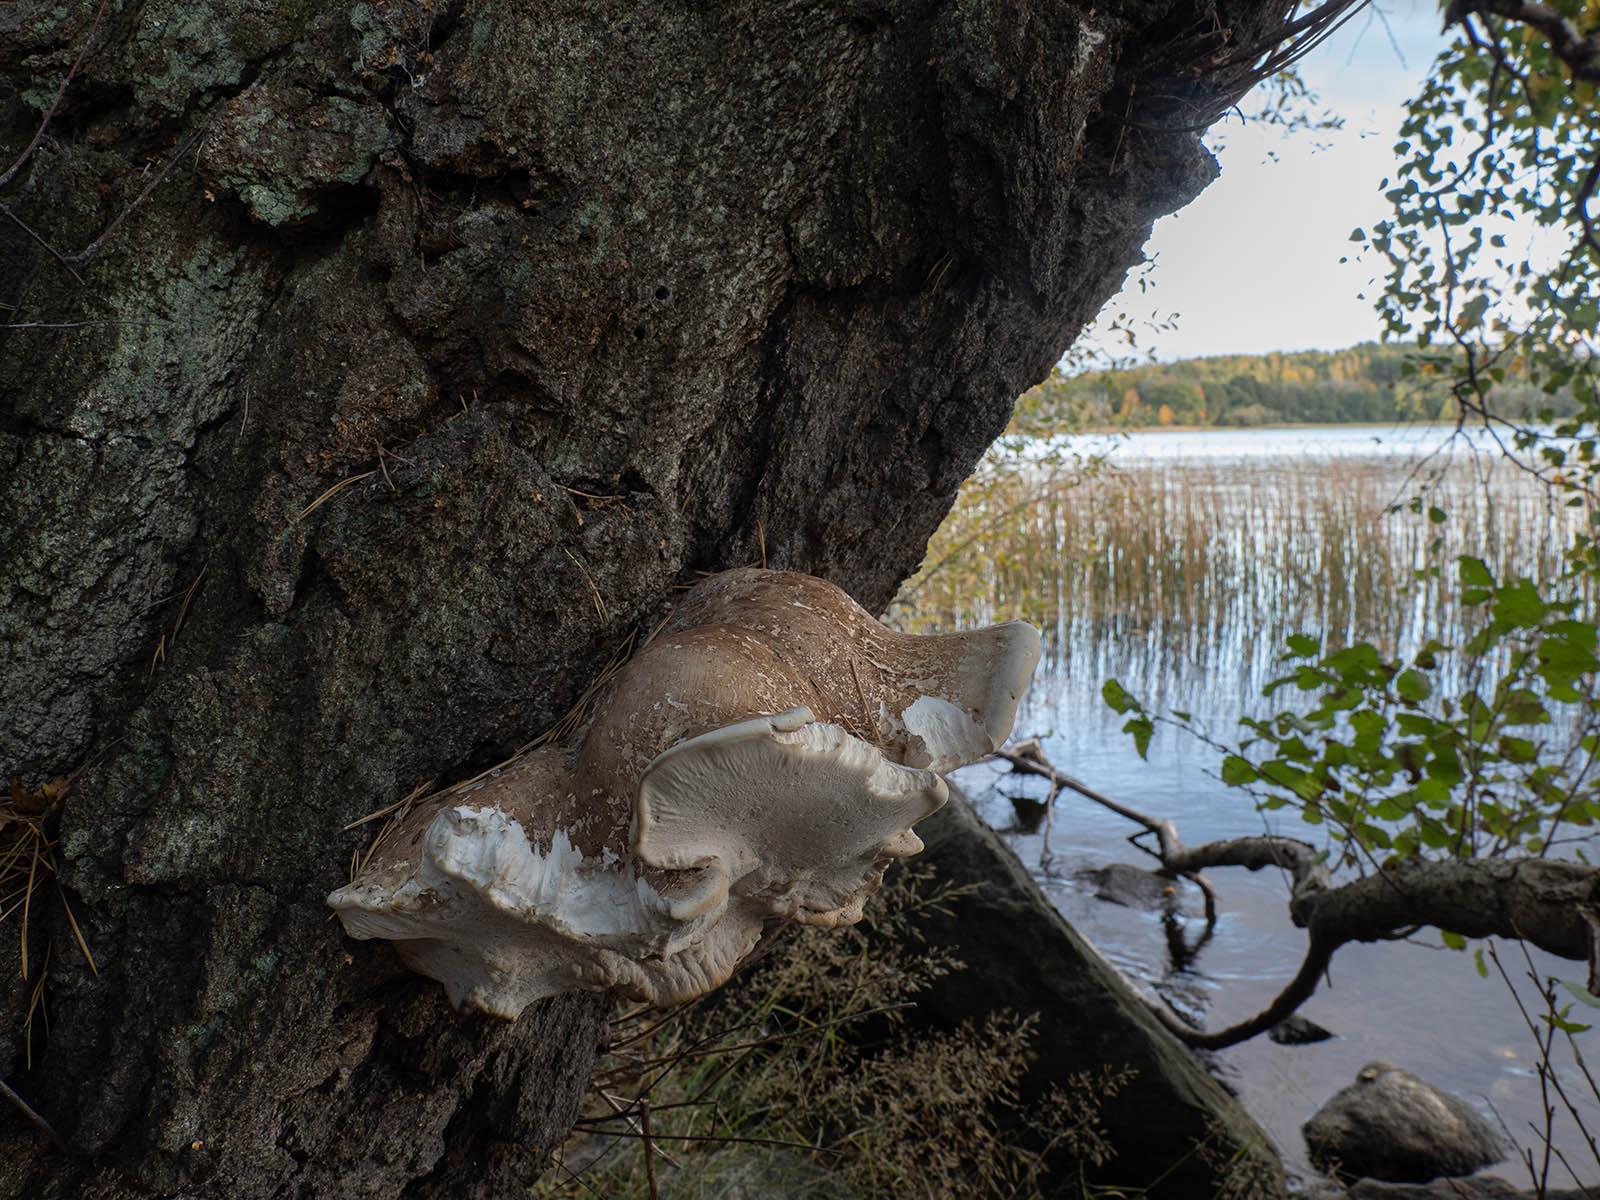 Трутовик березовый (Fomitopsis betulina) на берегу озера Mälaren, Стокгольм, октябрь 2020 года. Автор фото: Сутормина Марина